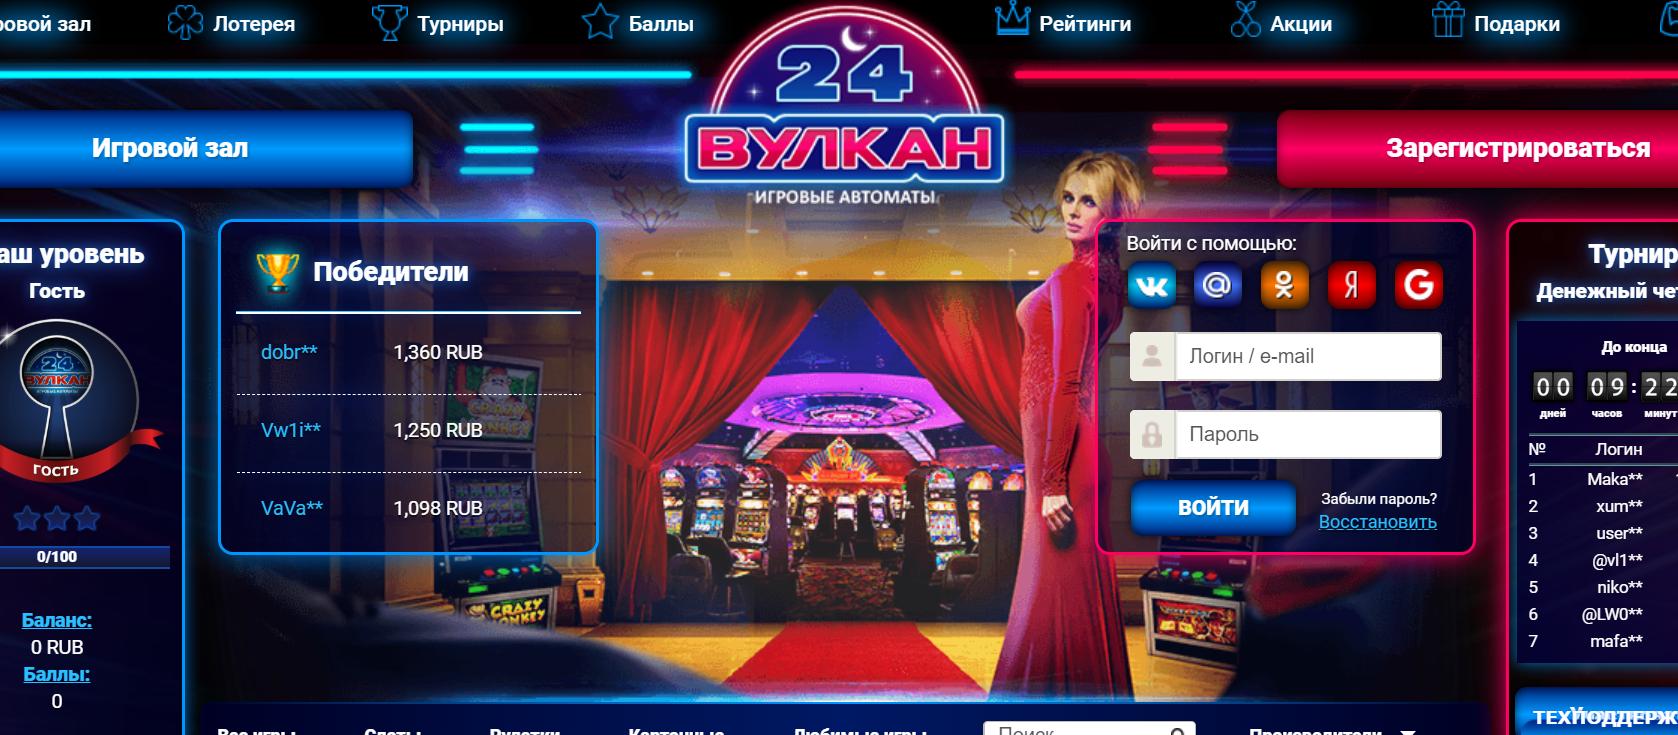 Как путешествовать без денег по азартному миру казино Вулкан 24?